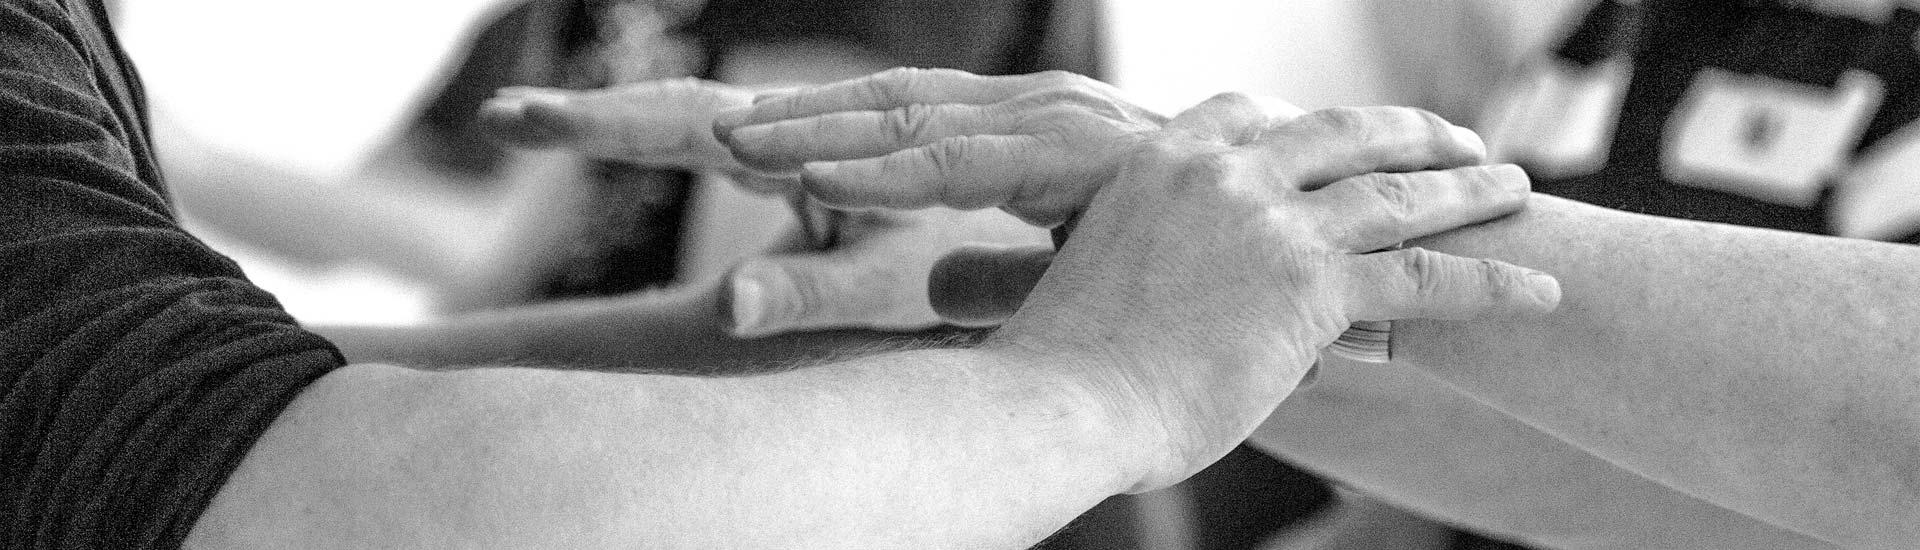 Keep Moving Luxemburg | Taiji-Therapie bei Bewegungsstörungen und Parkinson